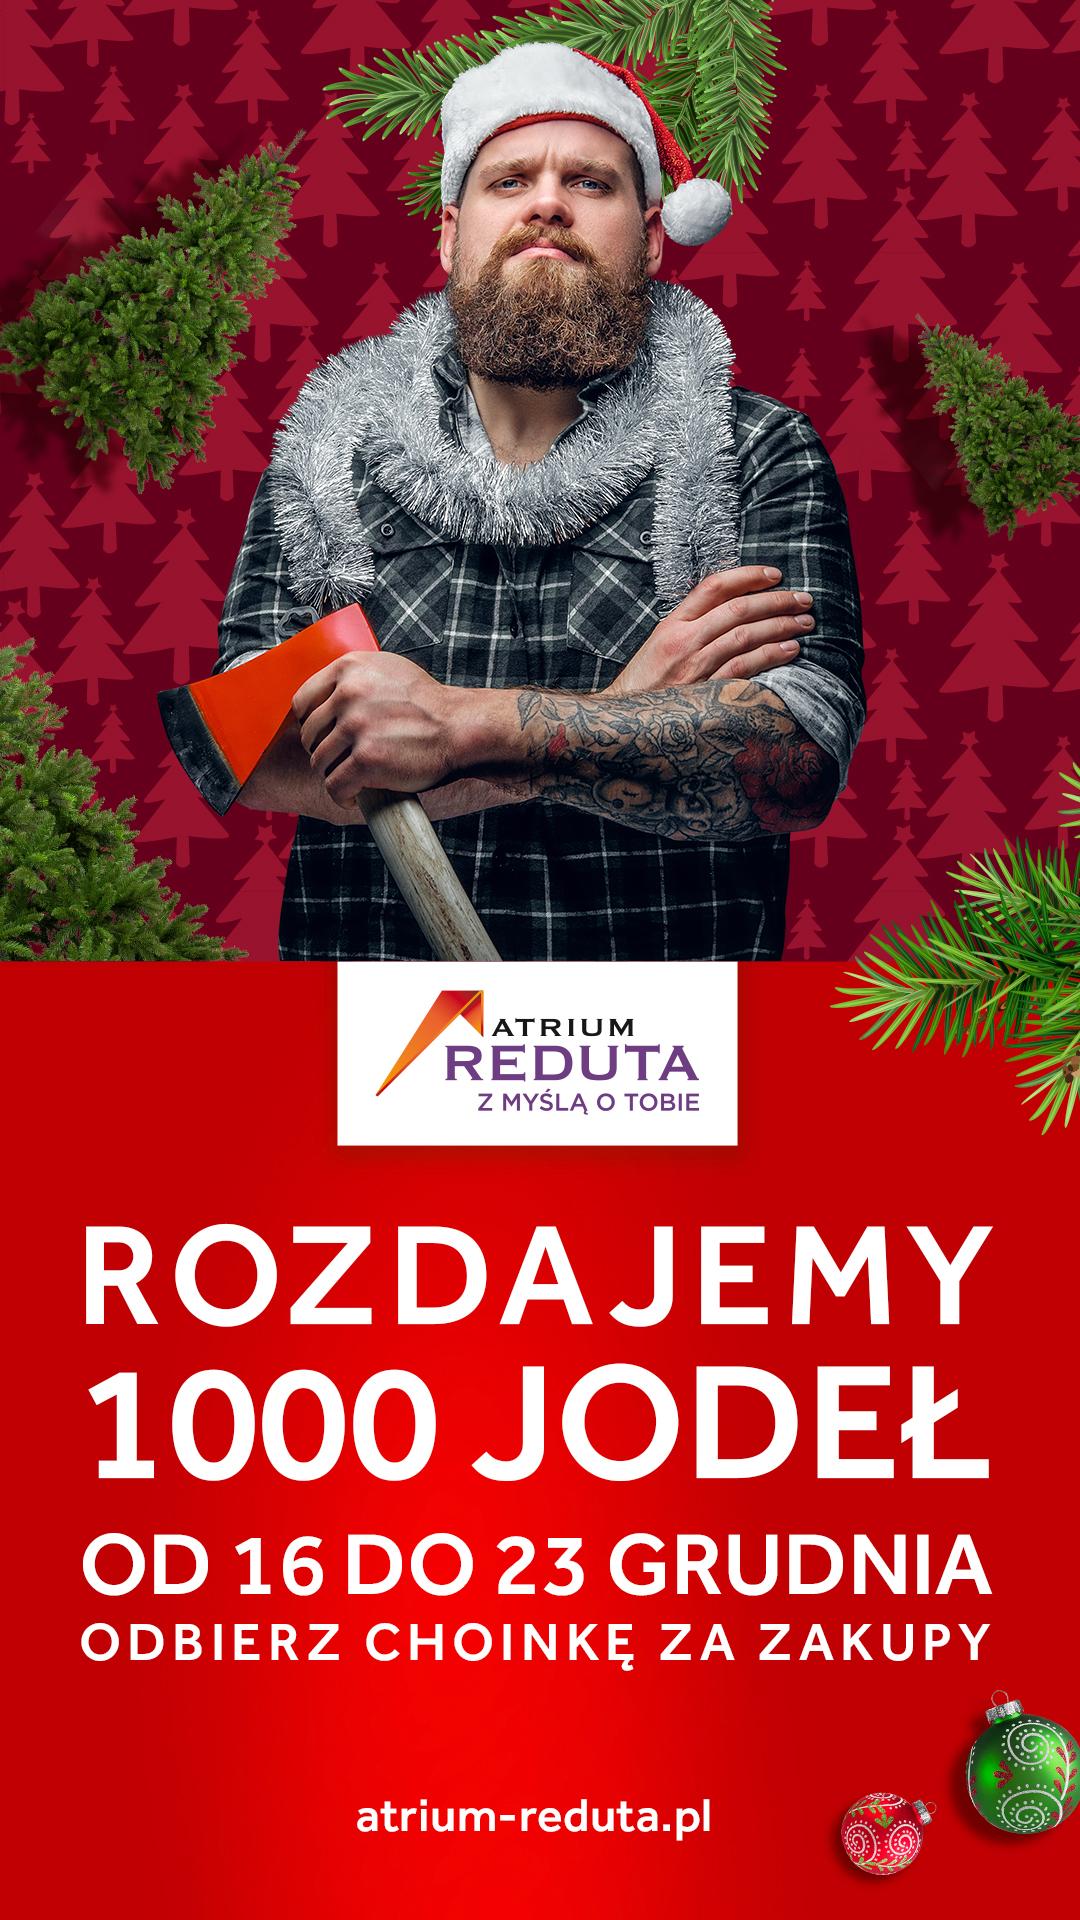 O choinka! 1000 jodeł za zakupy w Atrium Reduta